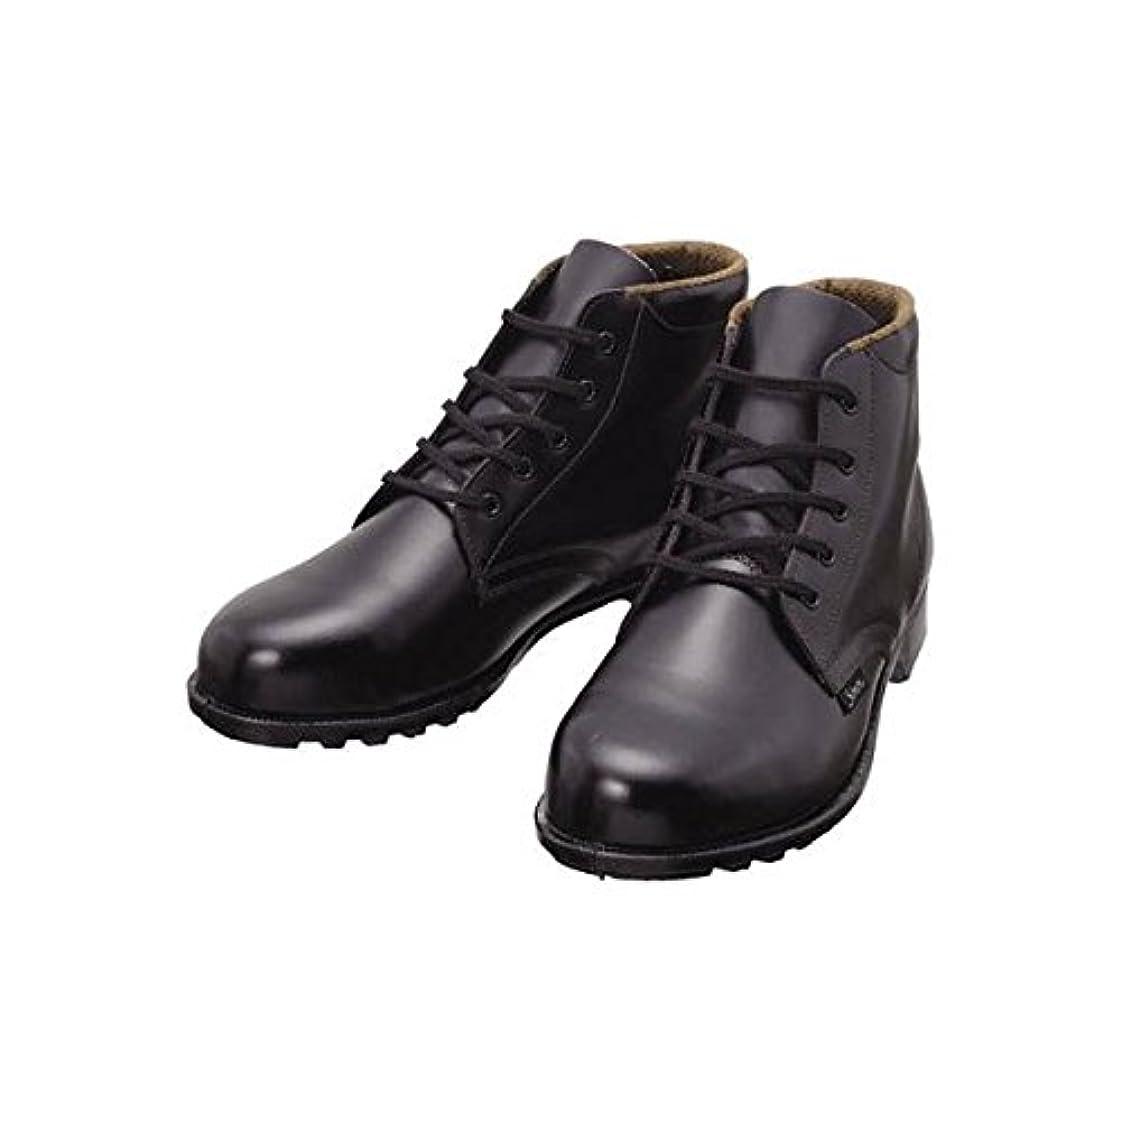 アルファベット順逃す上にシモン 安全靴 編上靴 FD22 26.0cm FD22-26.0